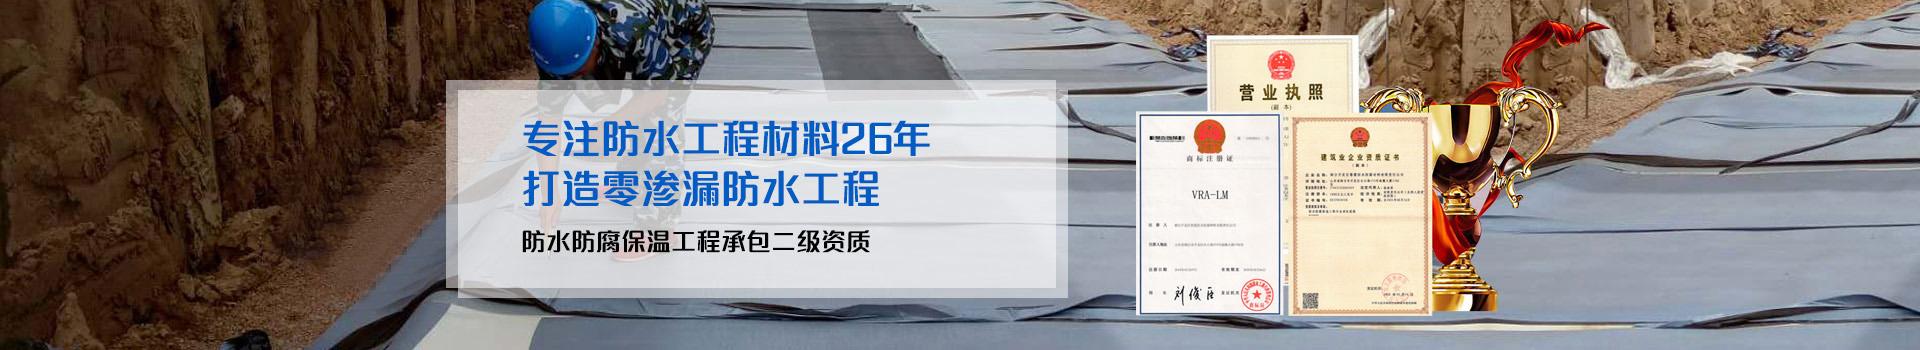 鲁蒙防水专注防水工程材料26年